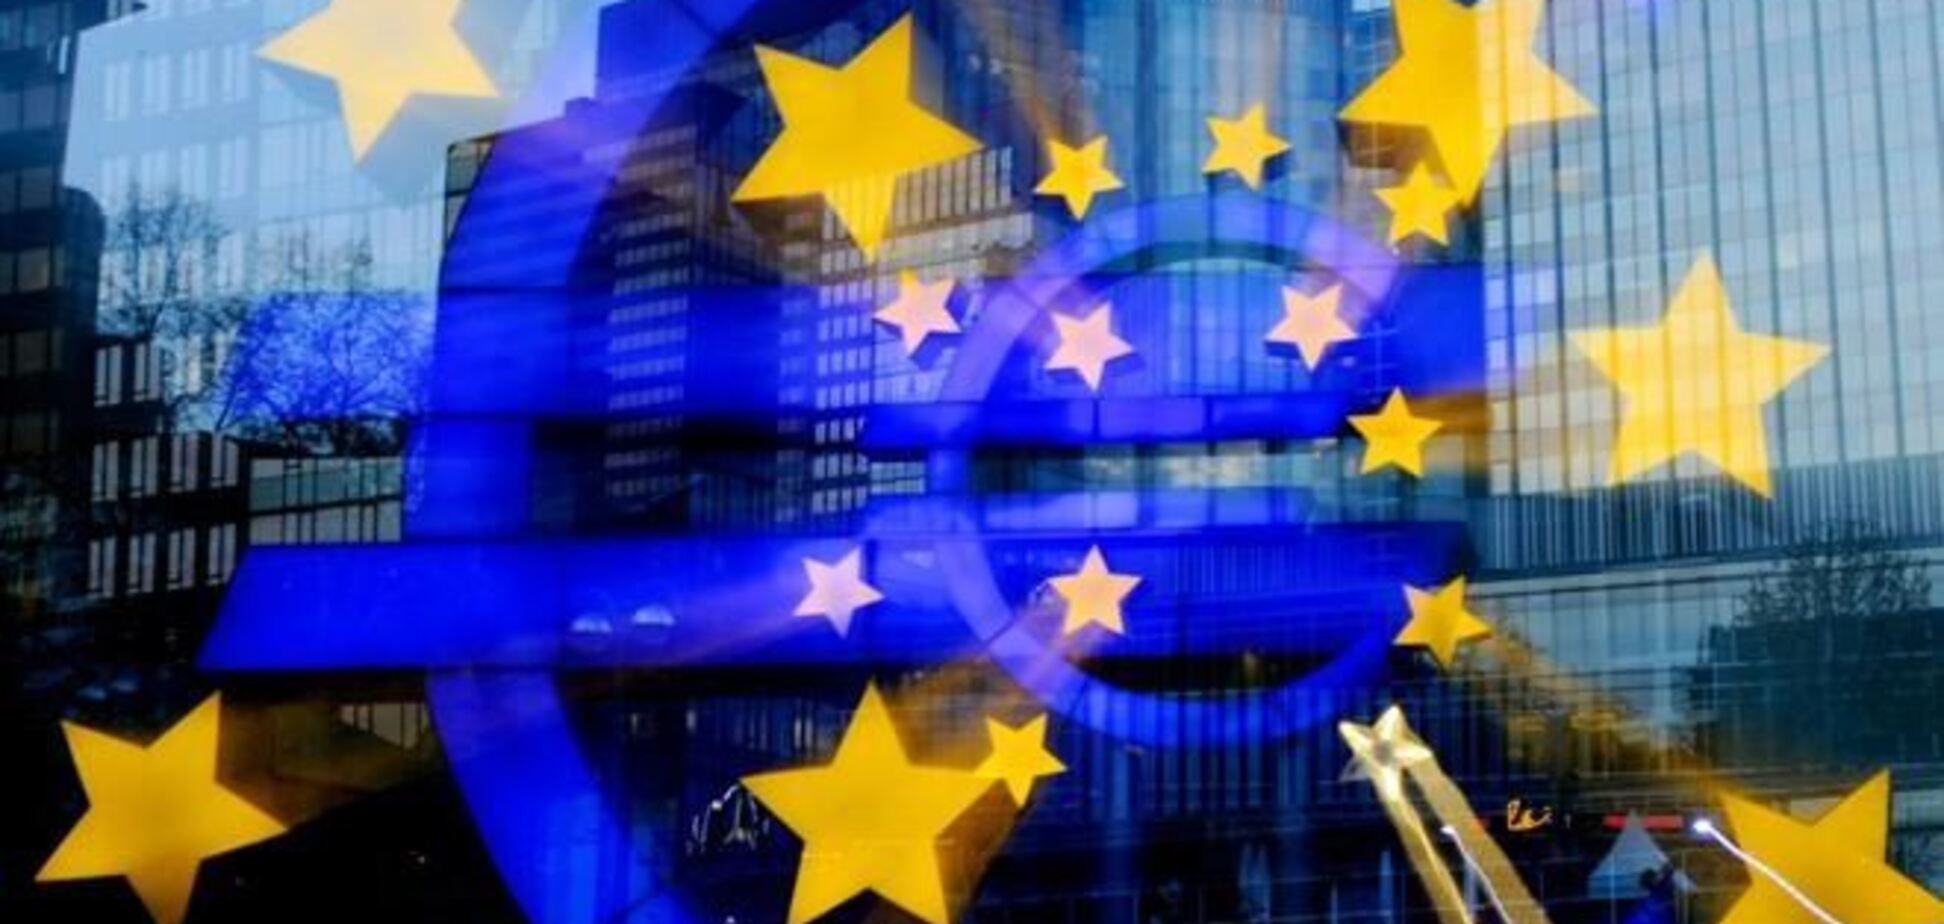 Украина попросит ЕС отобрать у России ЧМ по футболу и ввести санкции